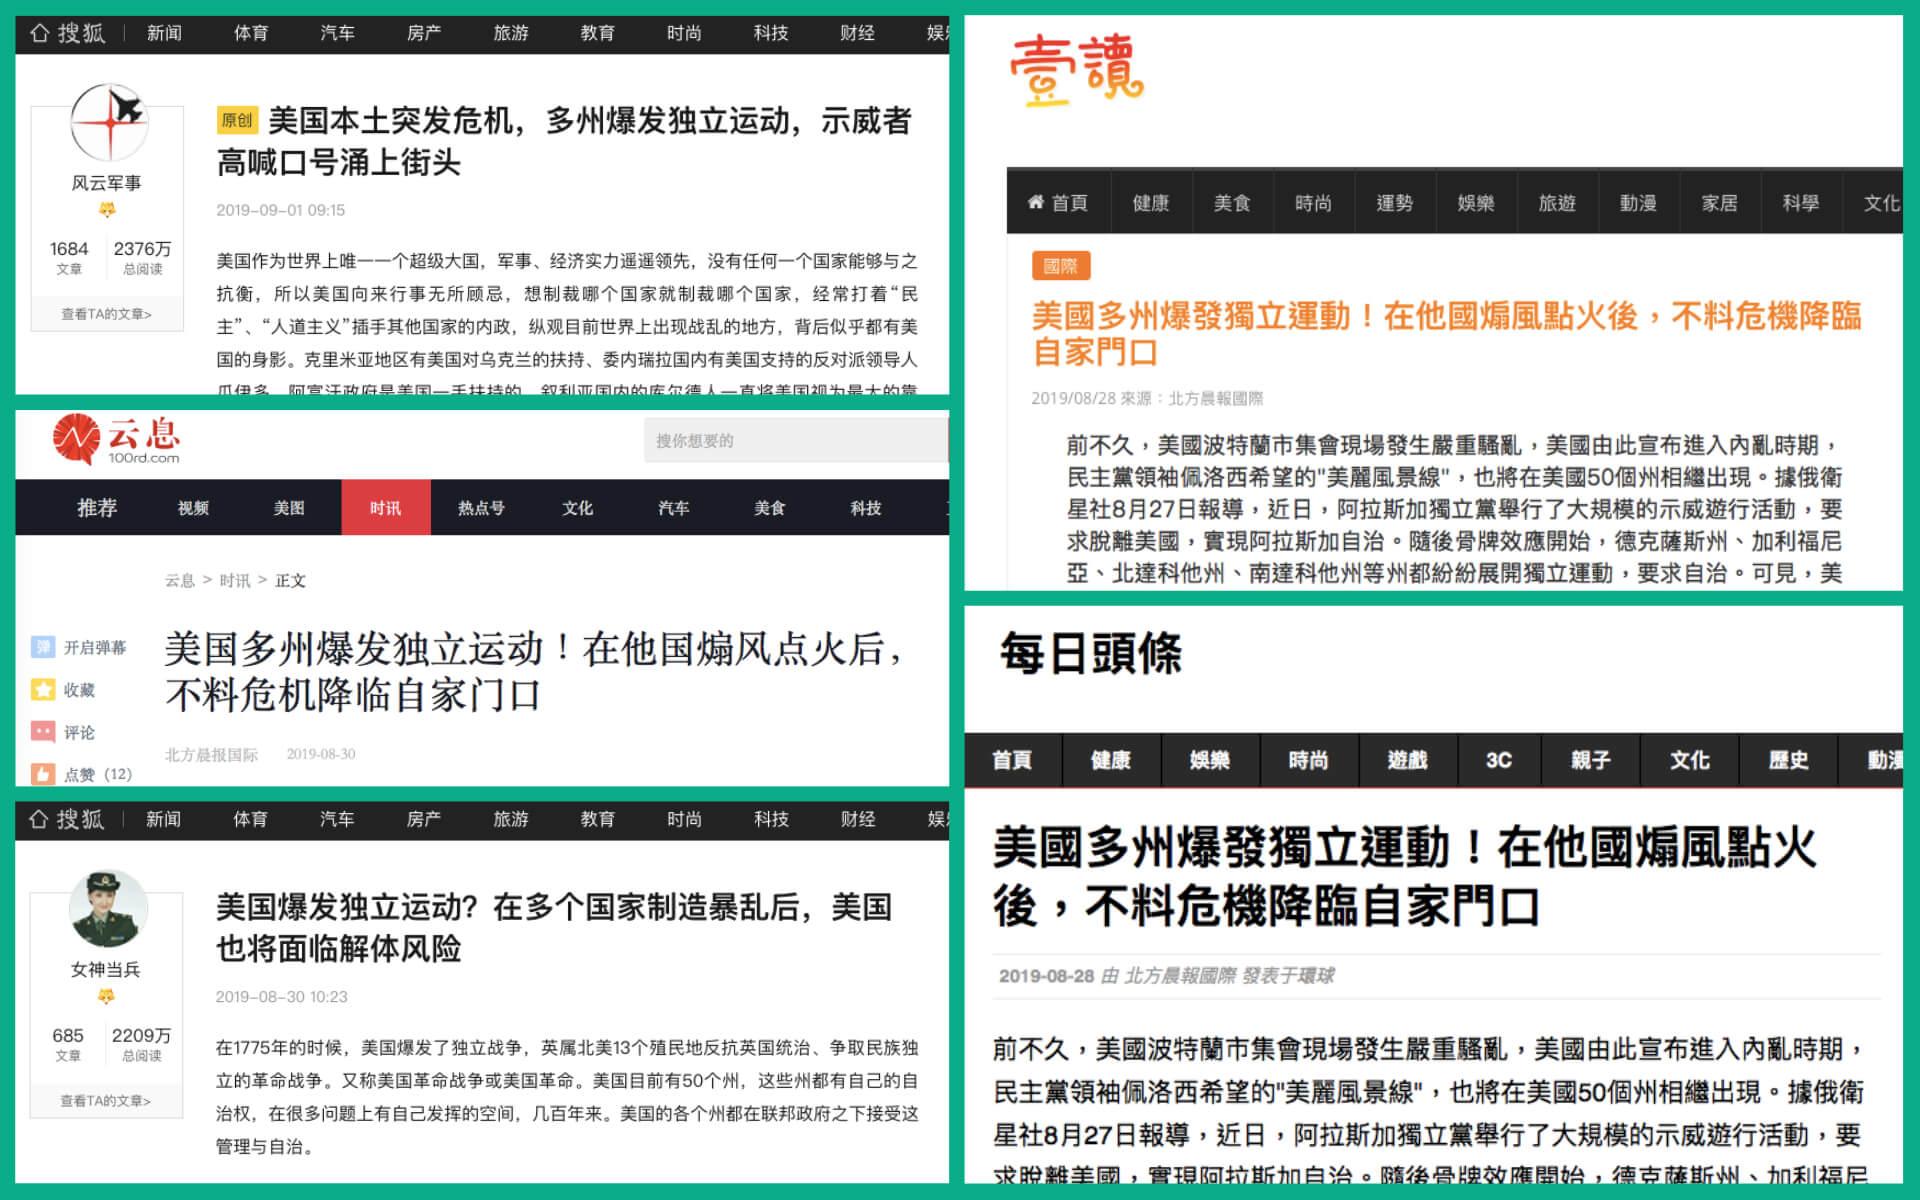 這些都是不值得參考的內容農場網站和中國網站。(圖/蘭姆酒吐司製作)